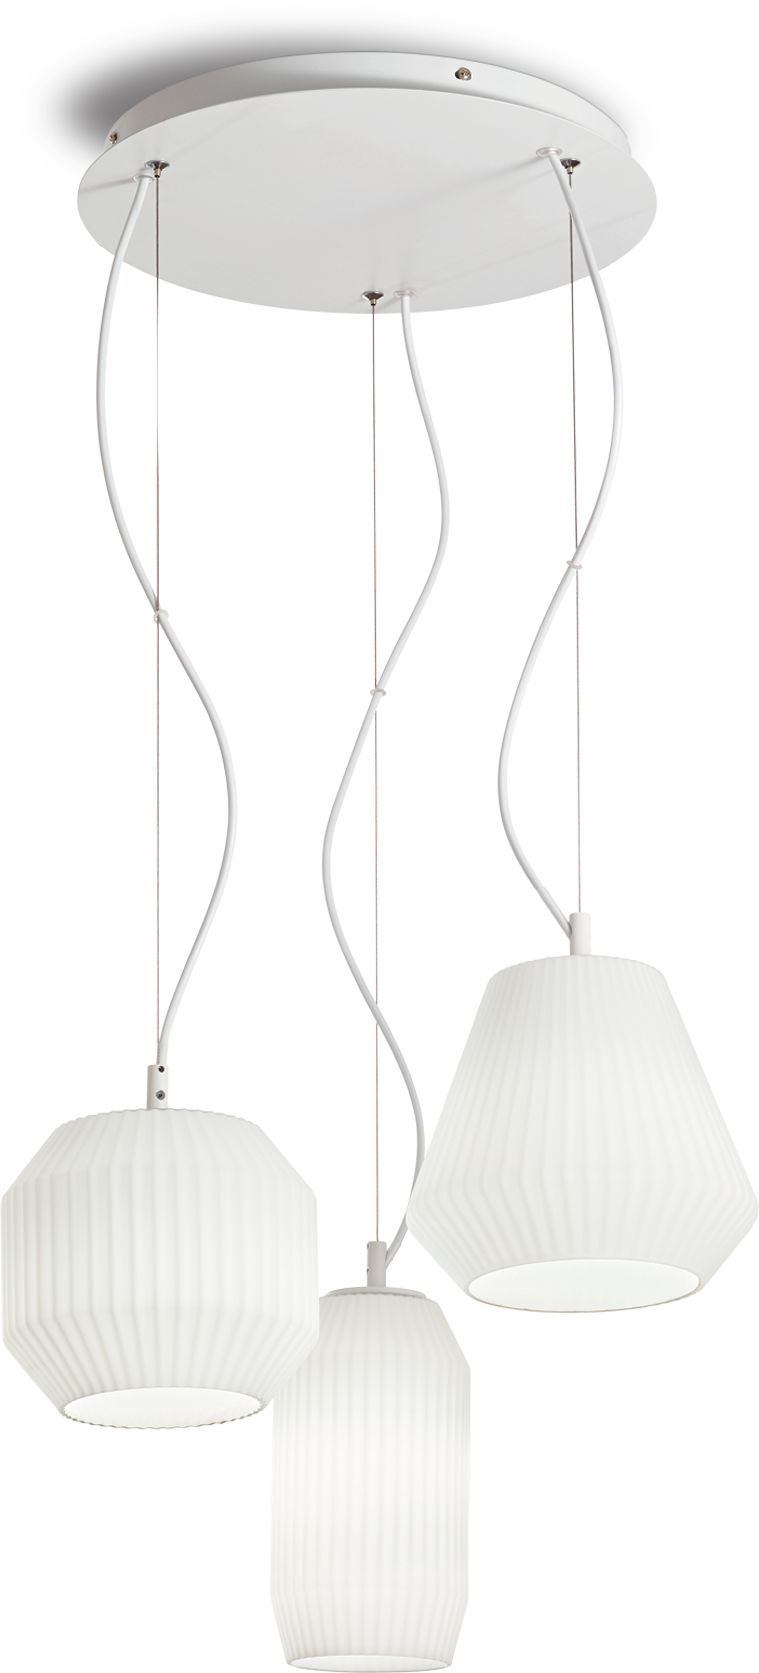 Żyrandol Origami Sp3 198095 Ideal Lux lampa wisząca w kolorze białym